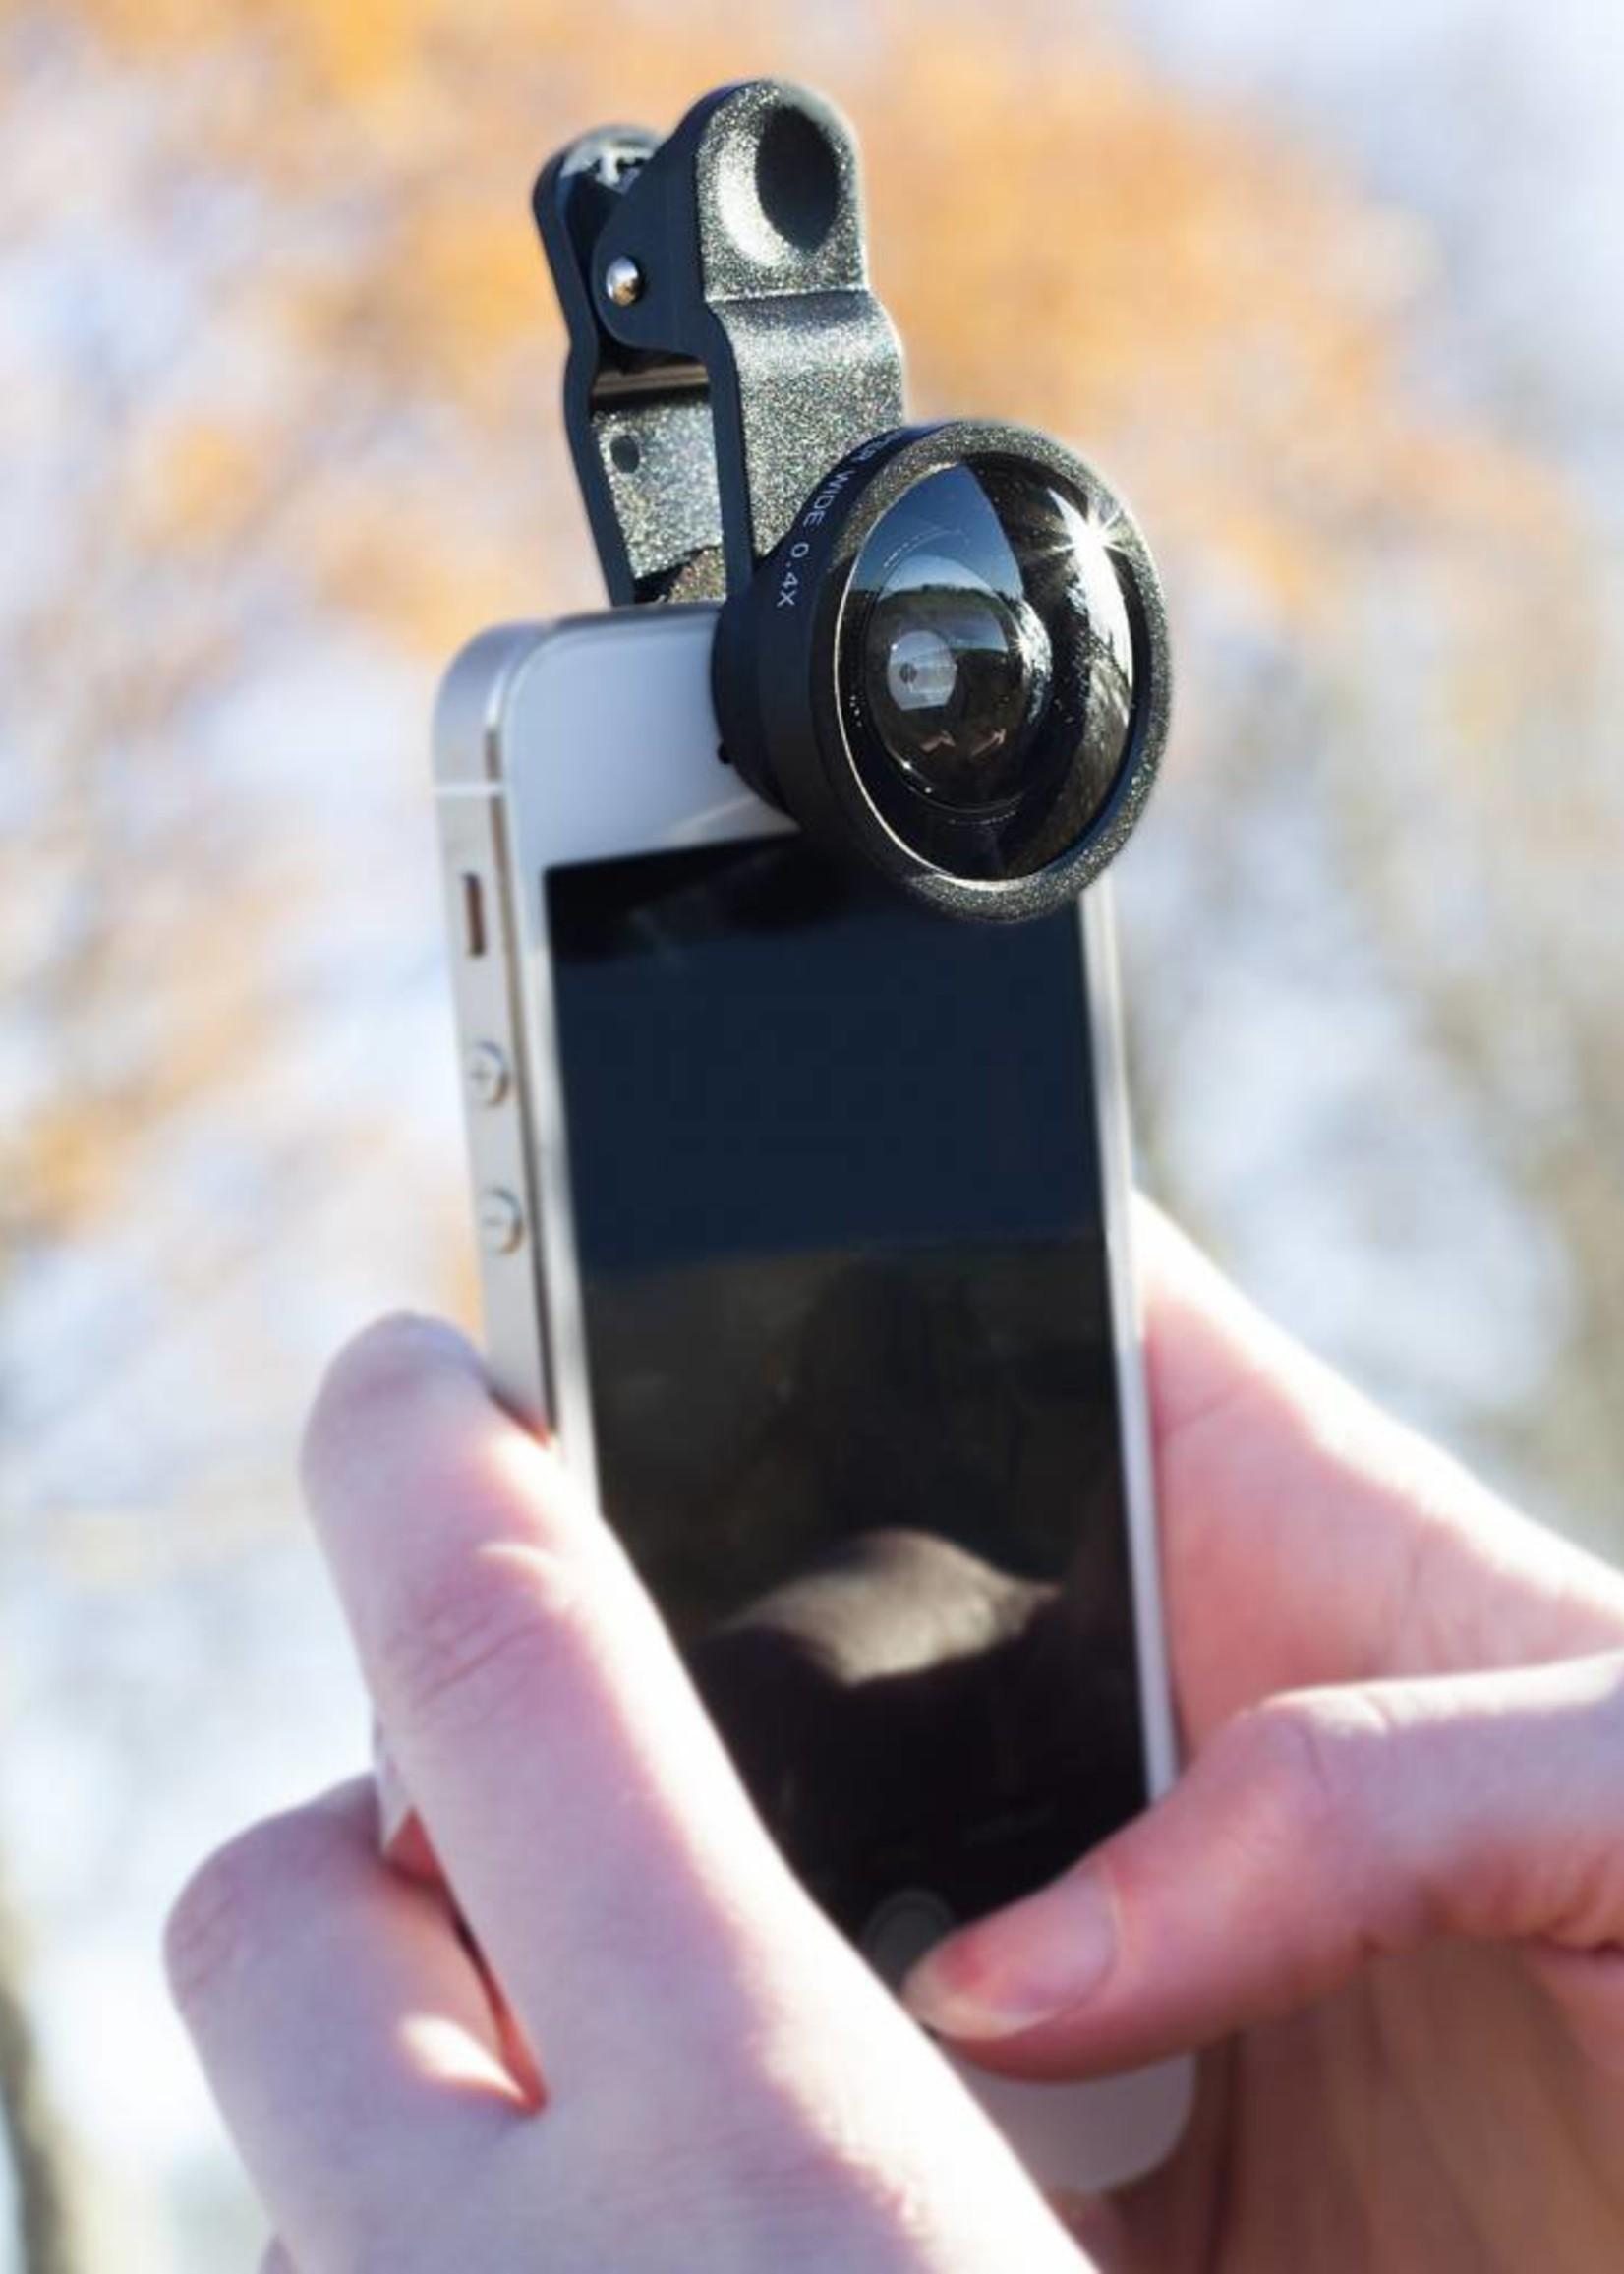 Kikkerland Wide-angle selfie lens